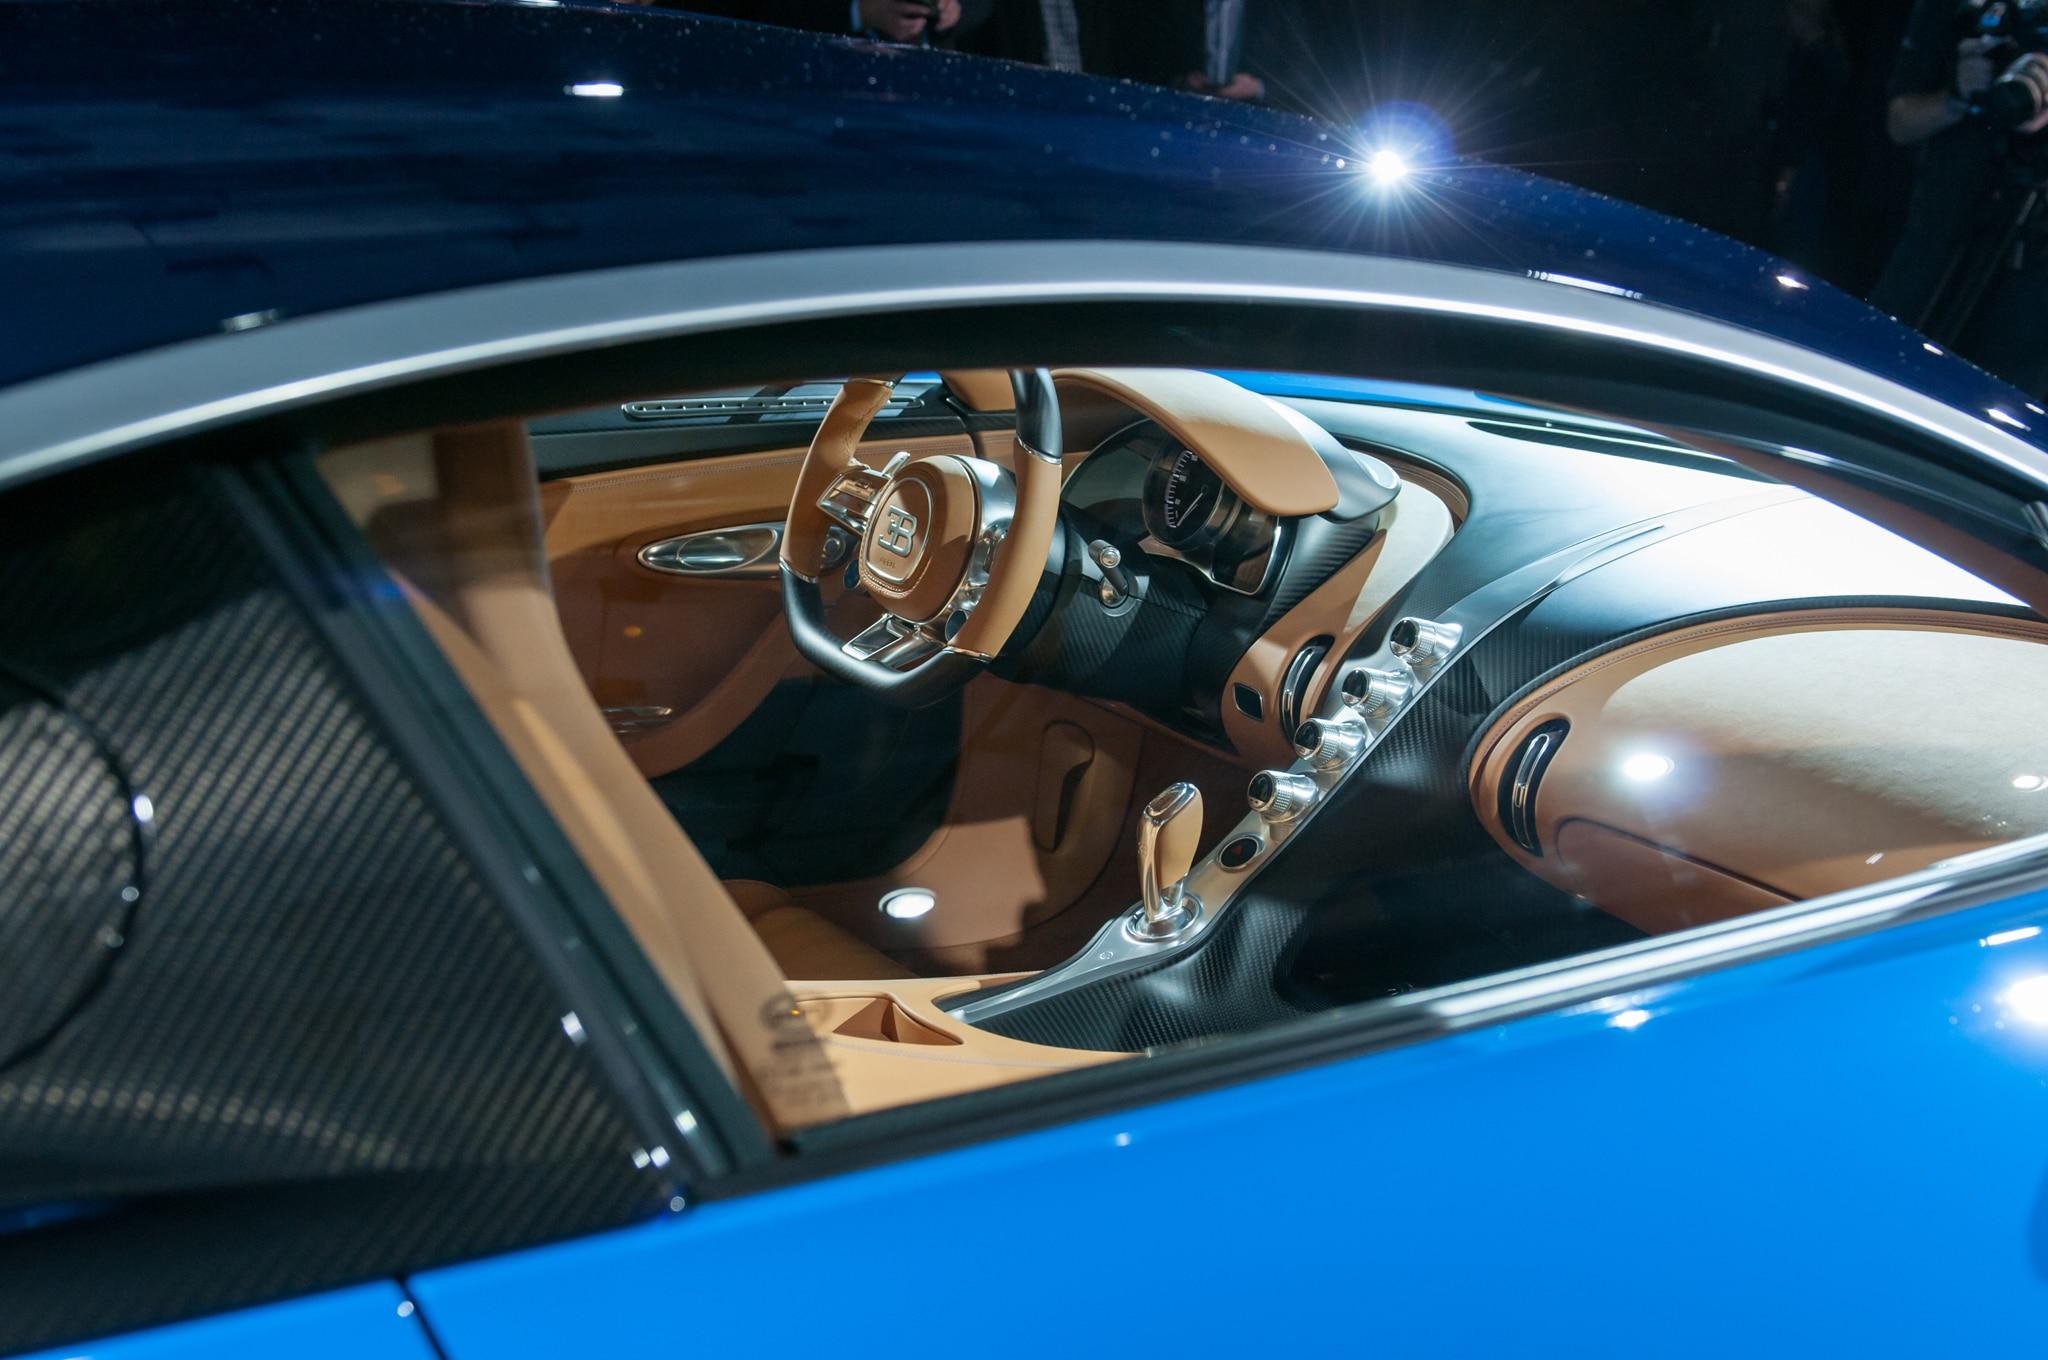 bugatti veyron interior 2017 2017 bugatti veyron super. Black Bedroom Furniture Sets. Home Design Ideas